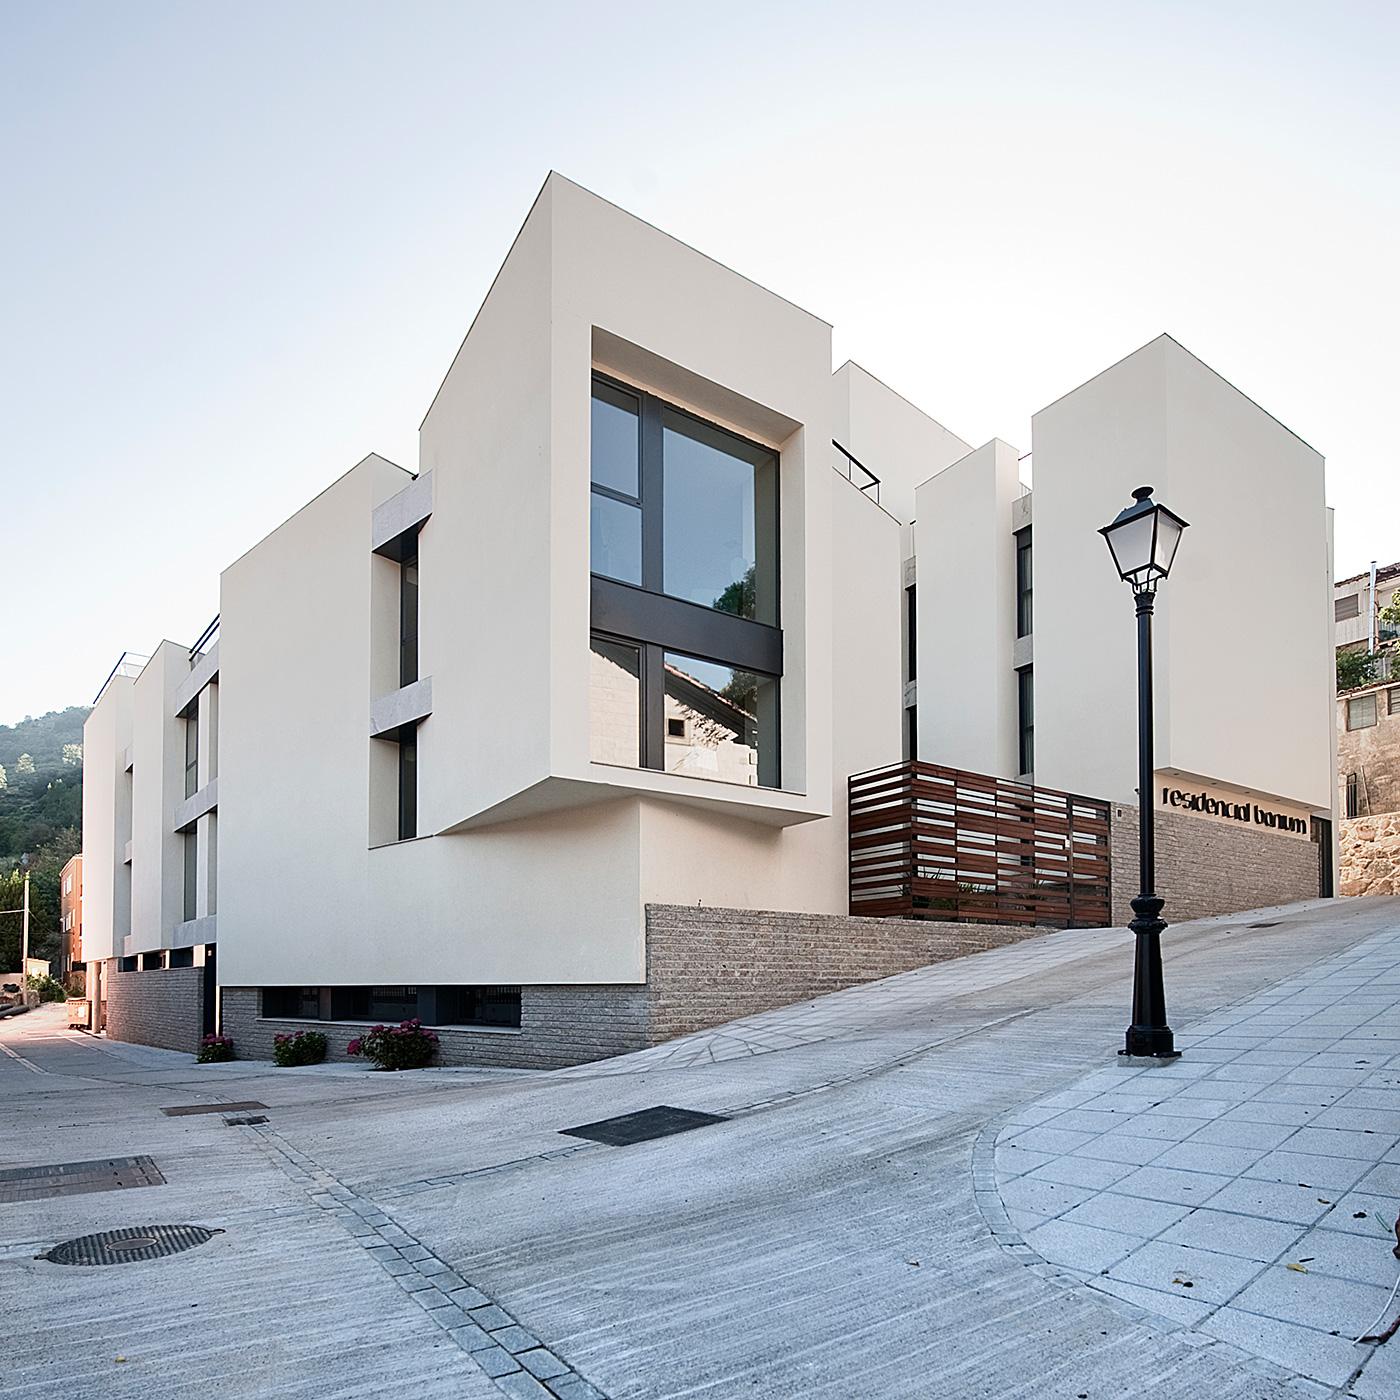 Residencia de ancianos ba os de montemayor gea - Banos montemayor ...